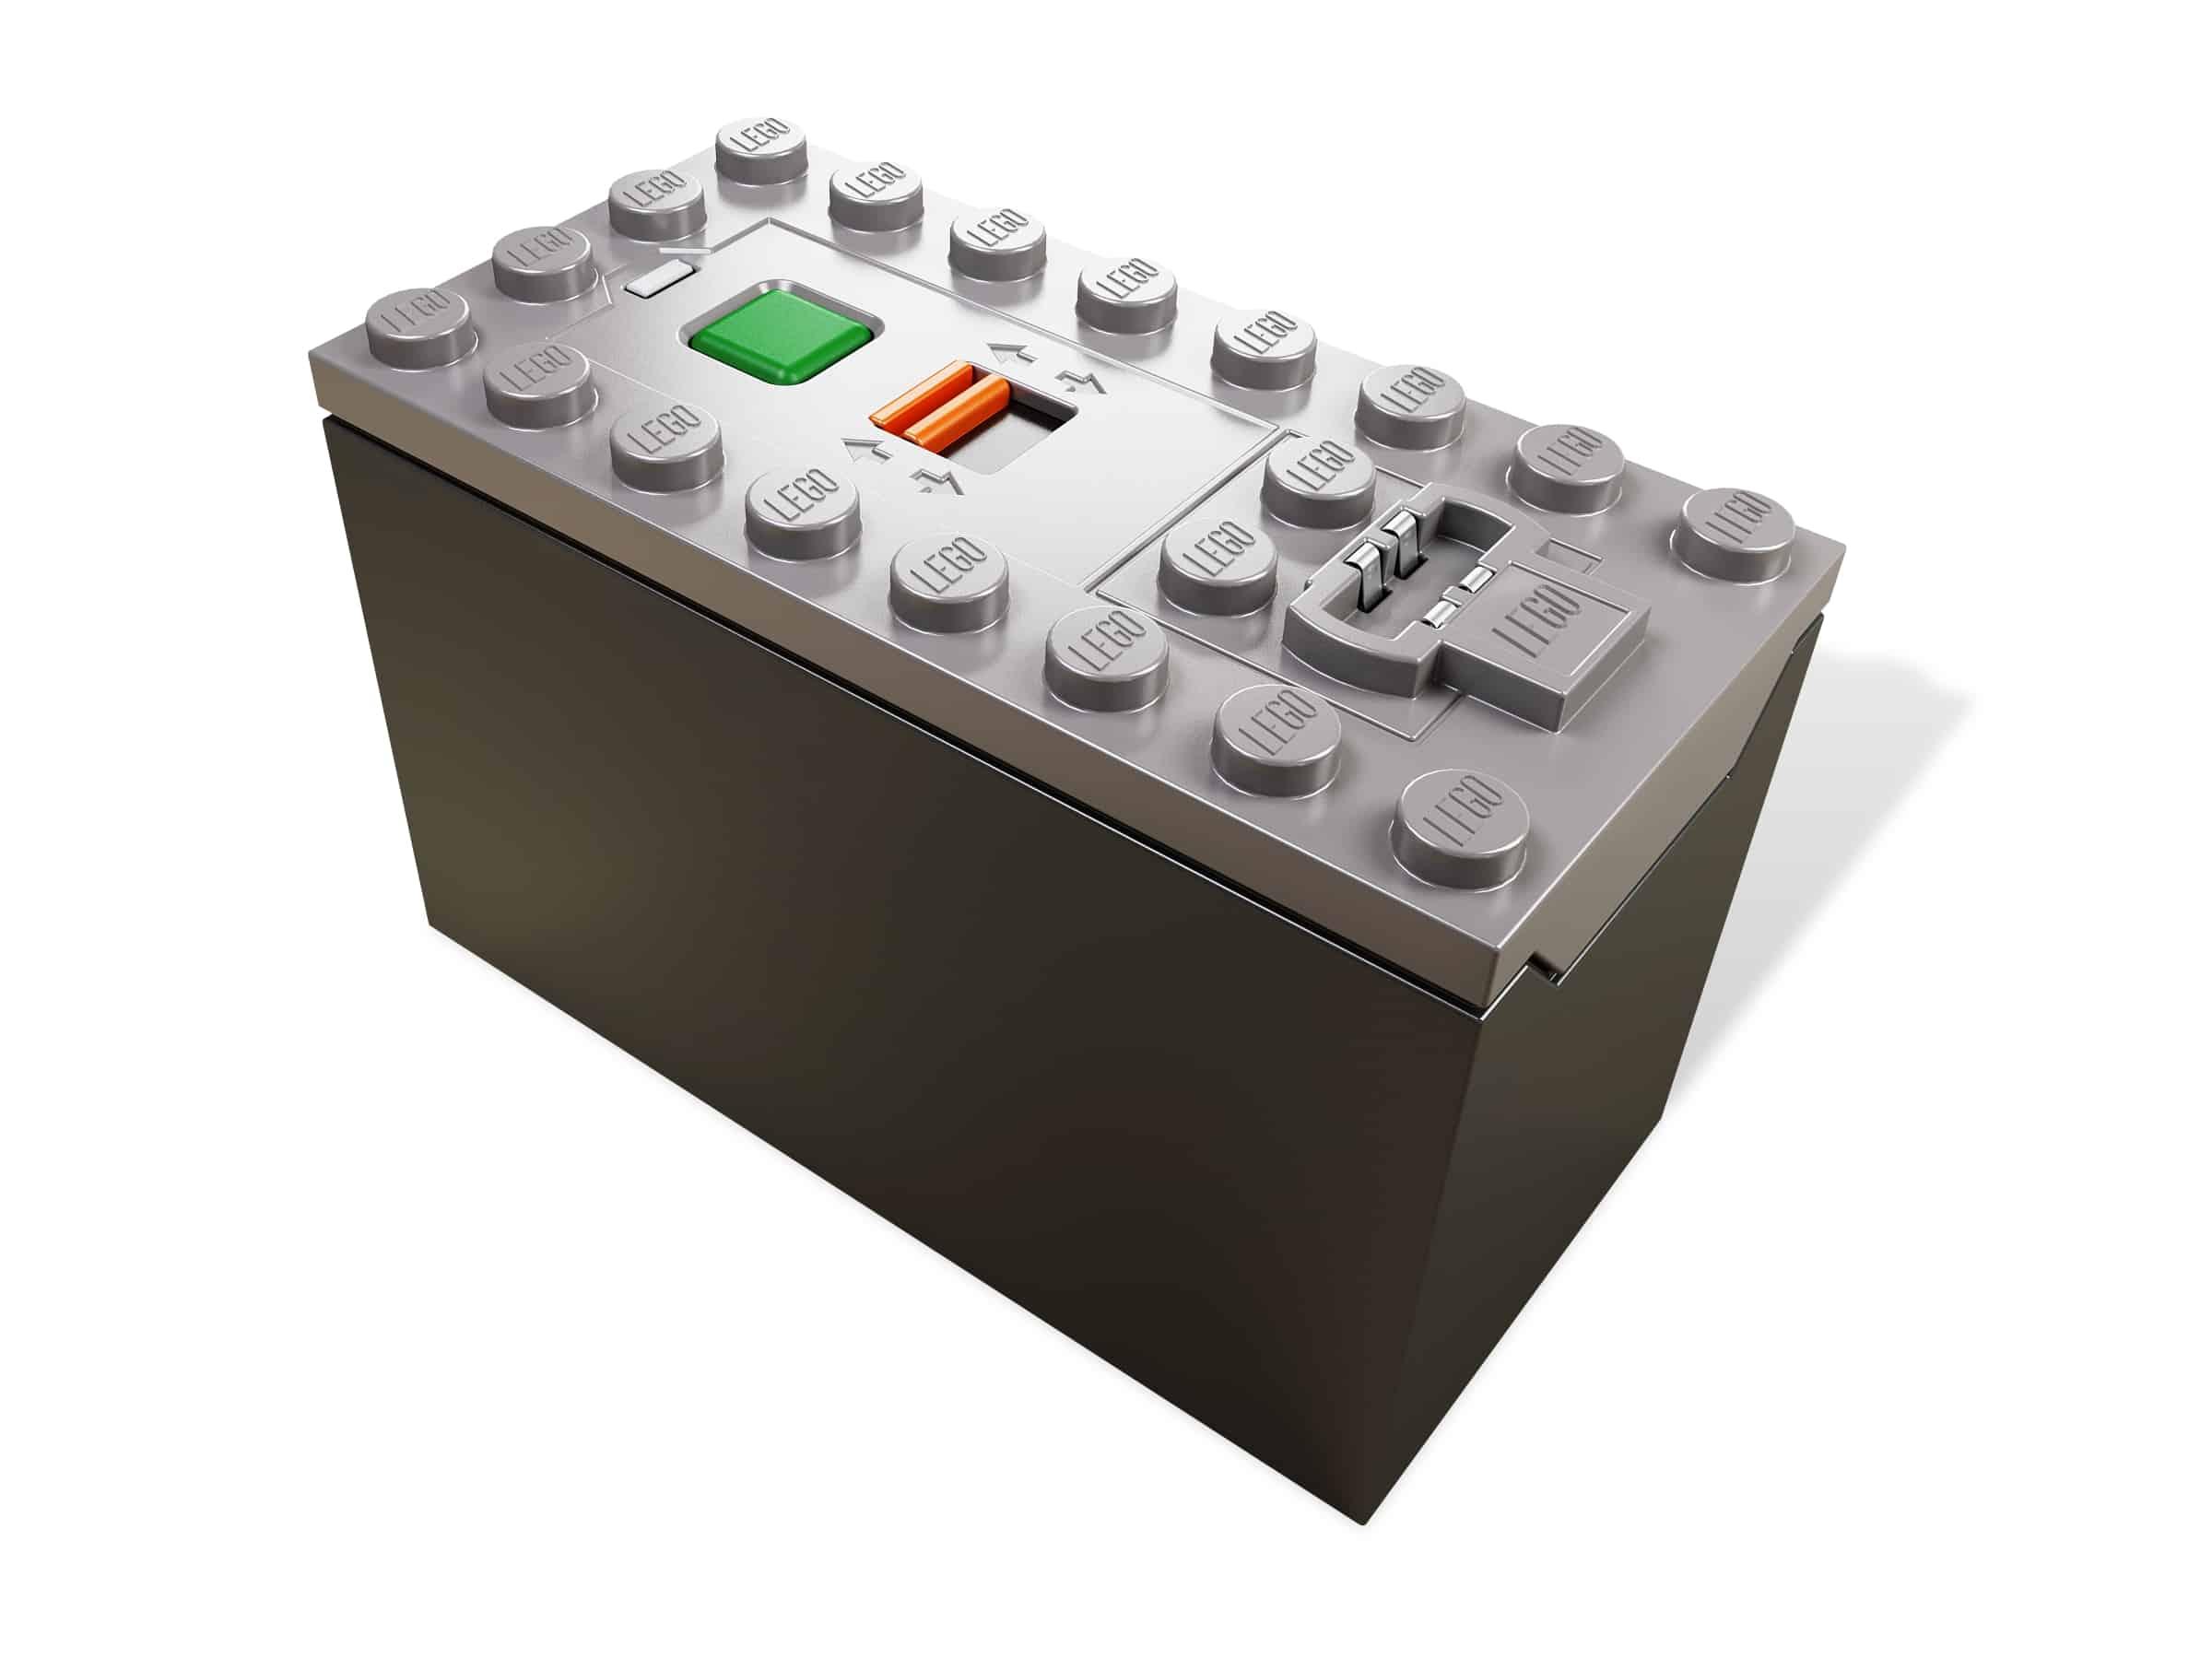 lego powerfuncties aaa batterijhouder 88000